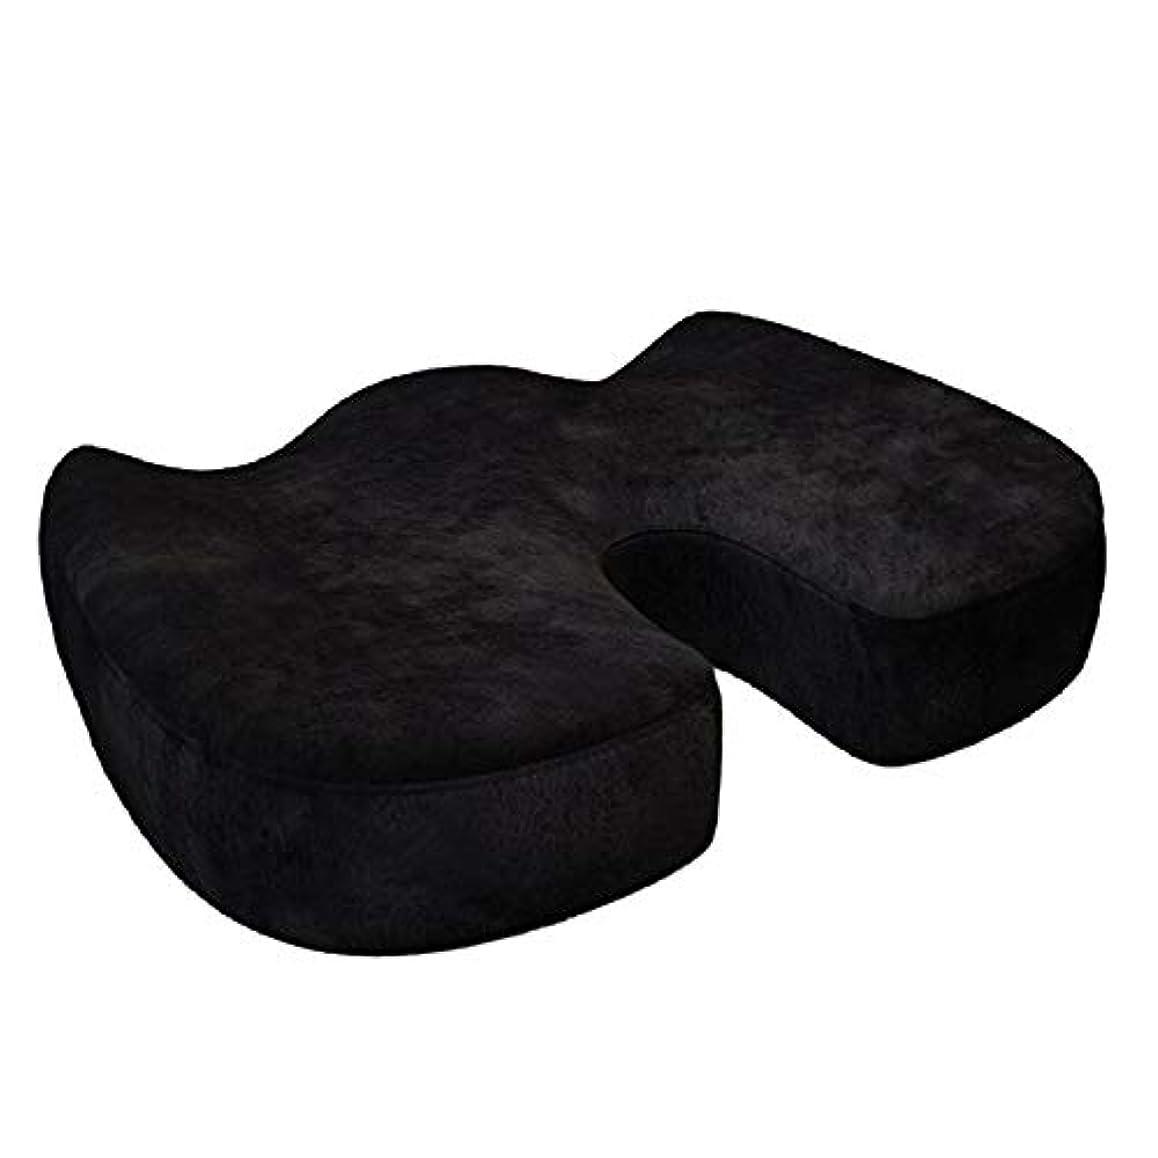 トロイの木馬飾り羽順番LIFE をホット販売整形外科枕シート低反発椅子オフィスクッション尾骨 クッション 椅子